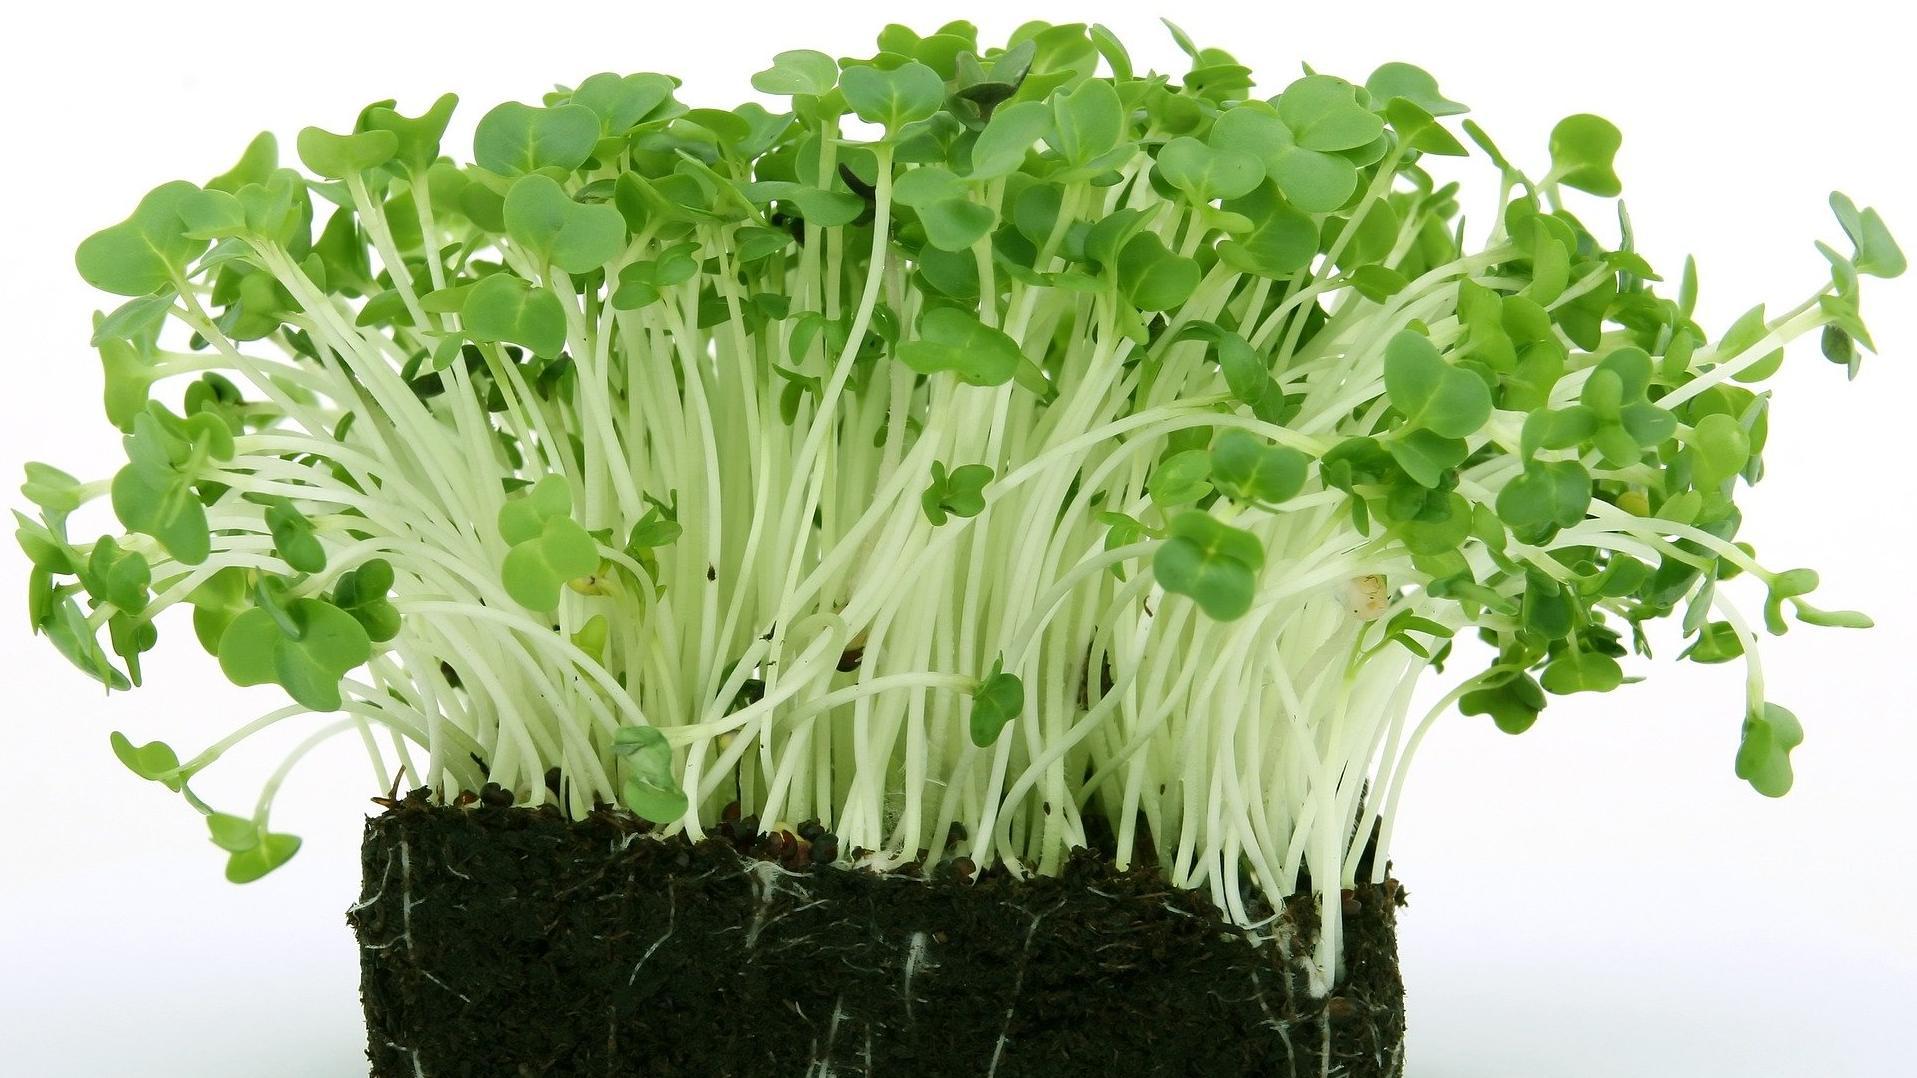 Microgreens anbauen: Tipps und Tricks rund um Anzucht und Co.